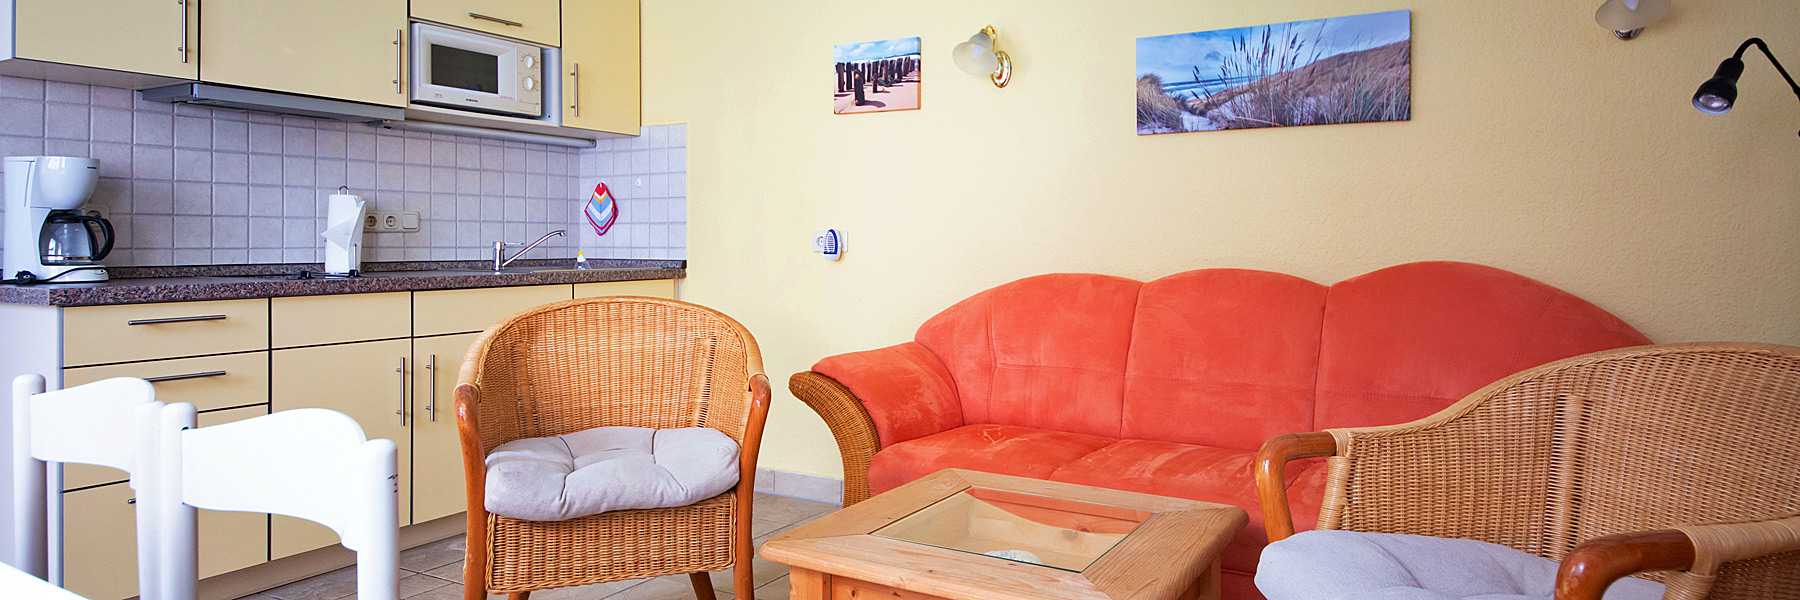 Wohnraum mit Küche - Ferienwohnungen Giese